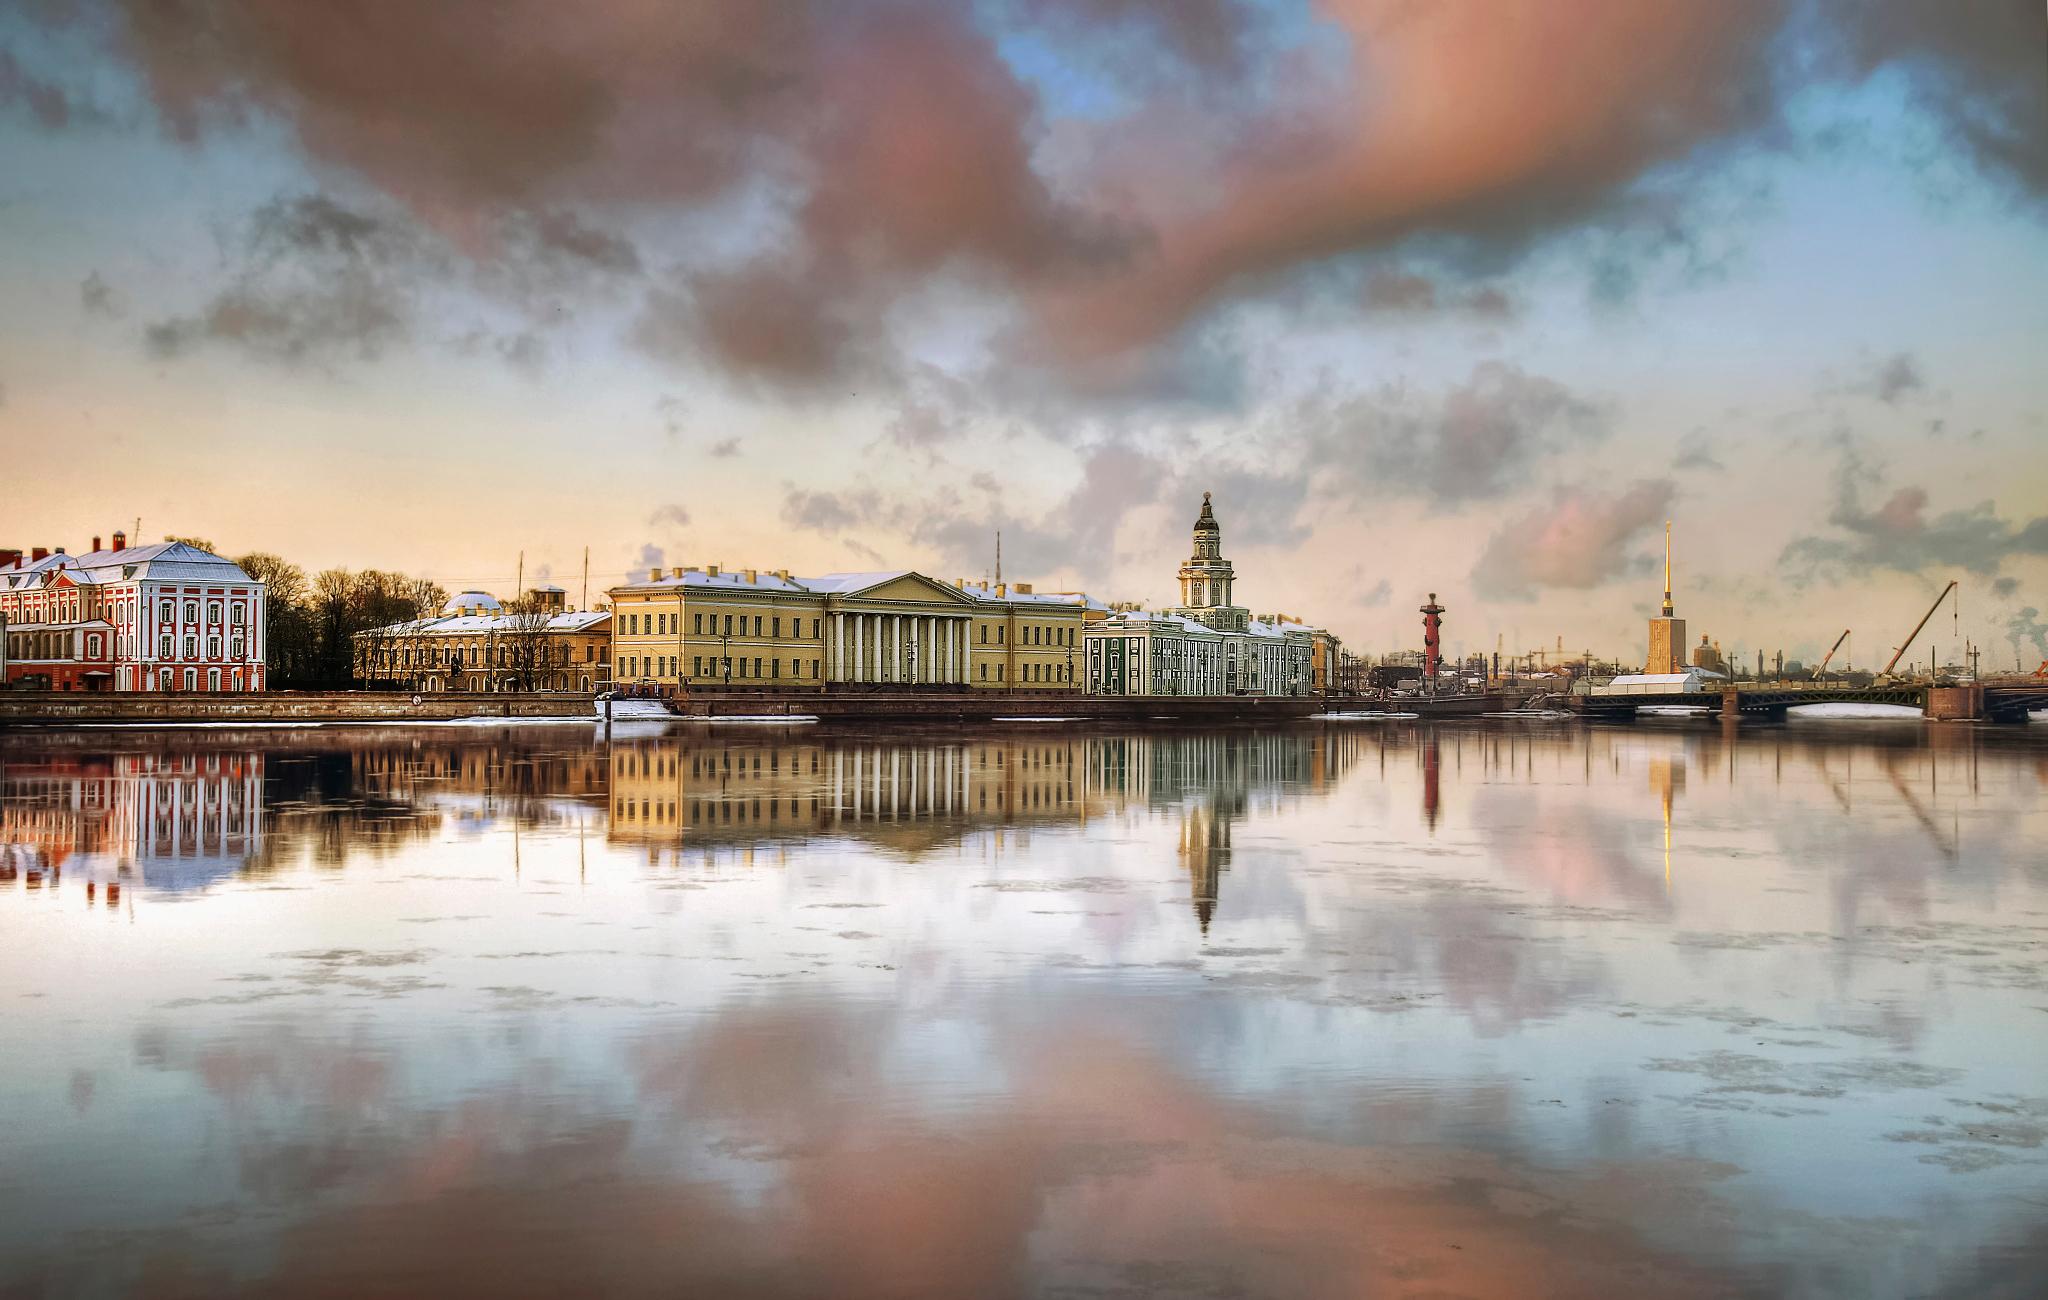 sankt-peterburg-naberezhnaya-krasivie-oboi